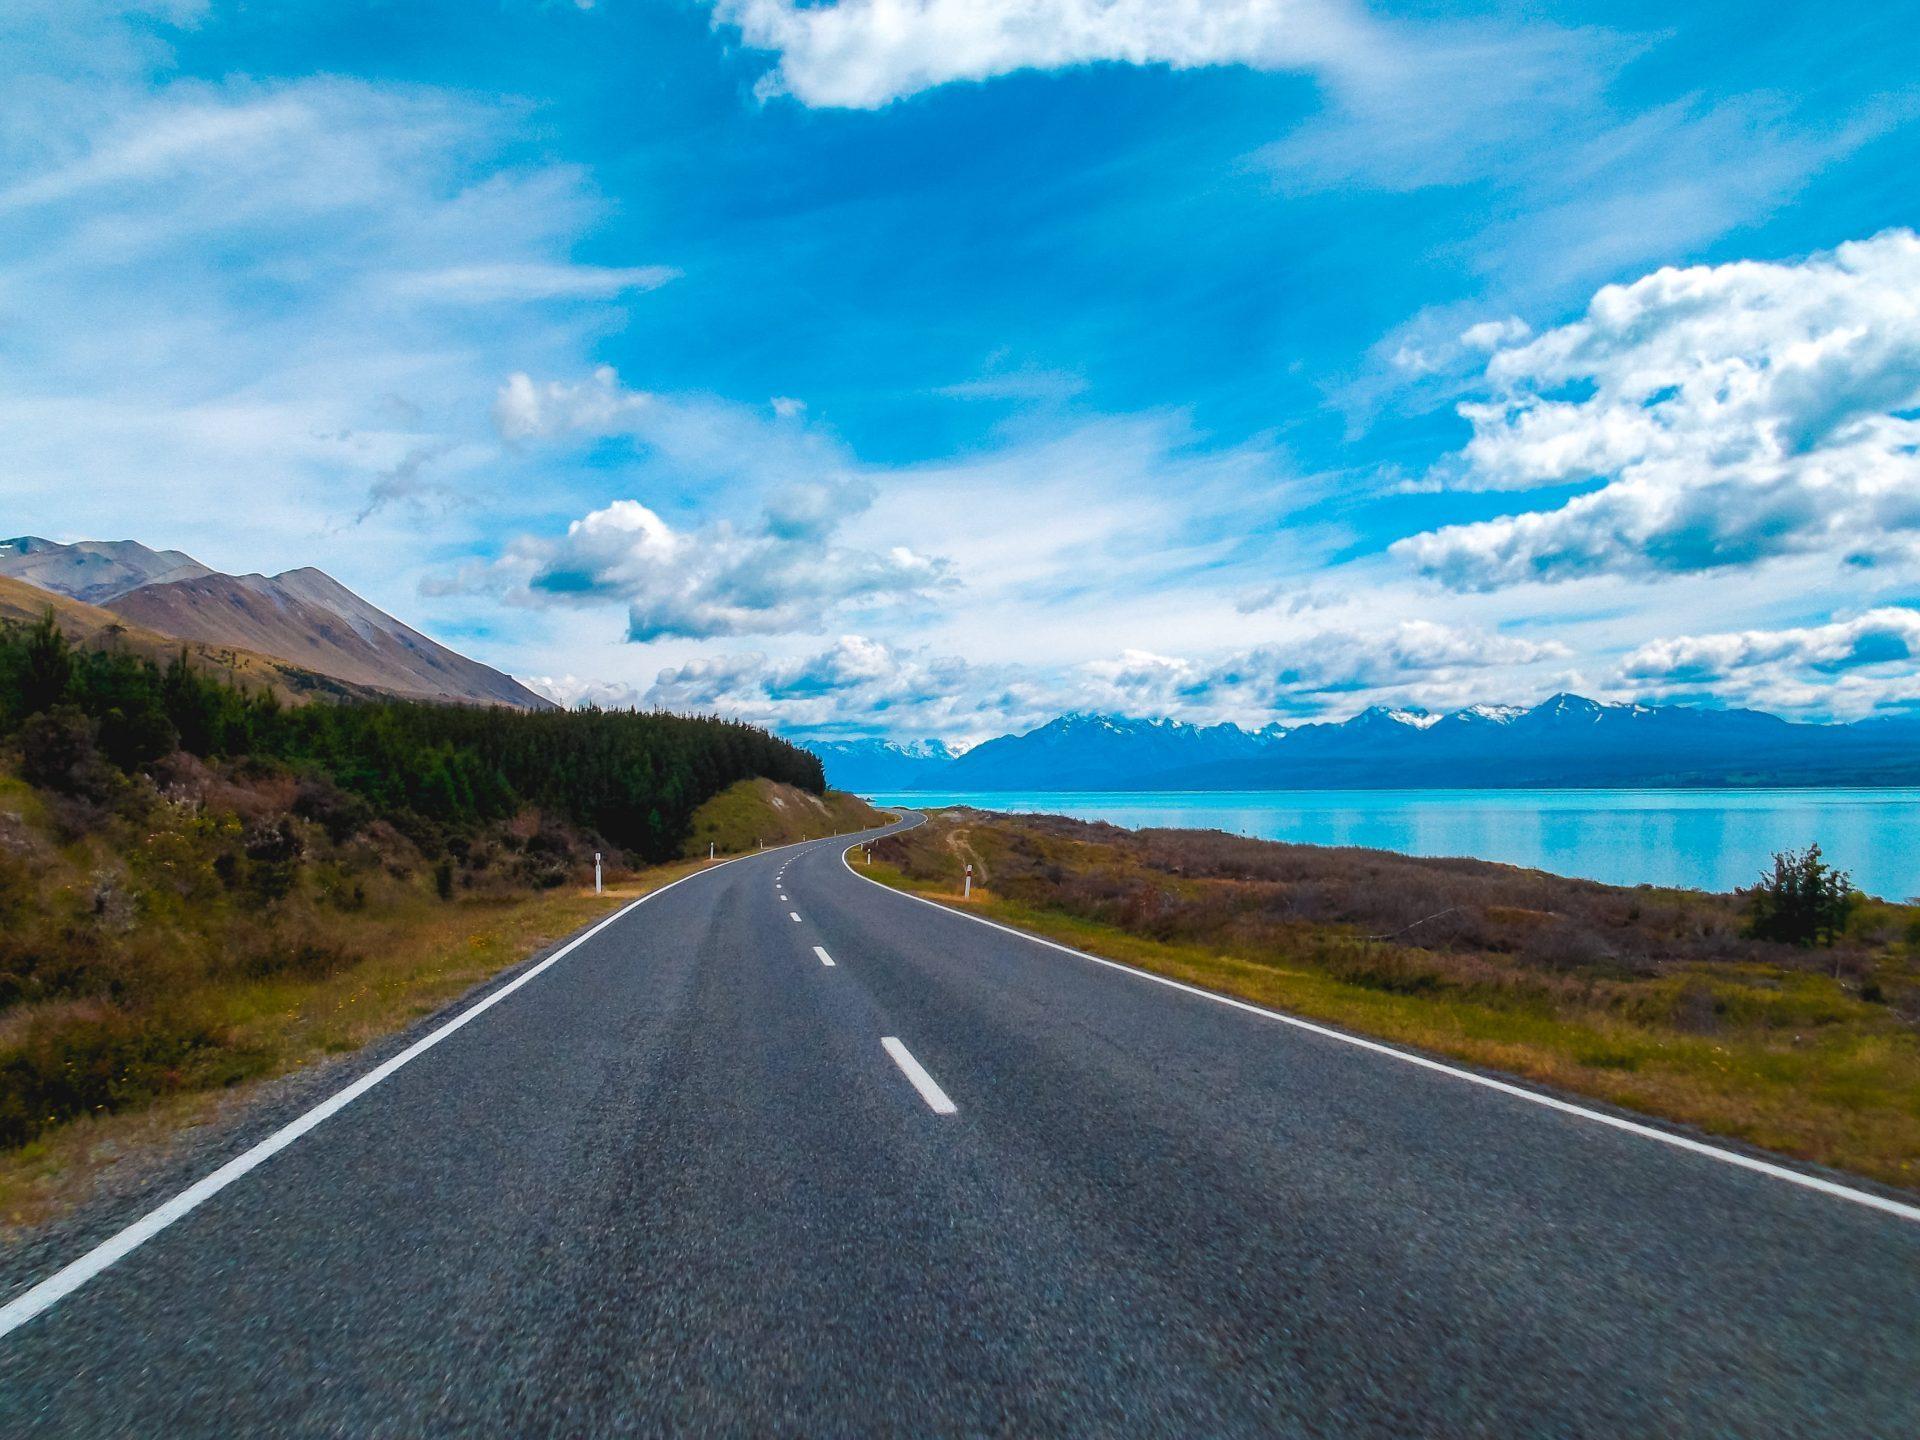 Carretera por lago Pukaki